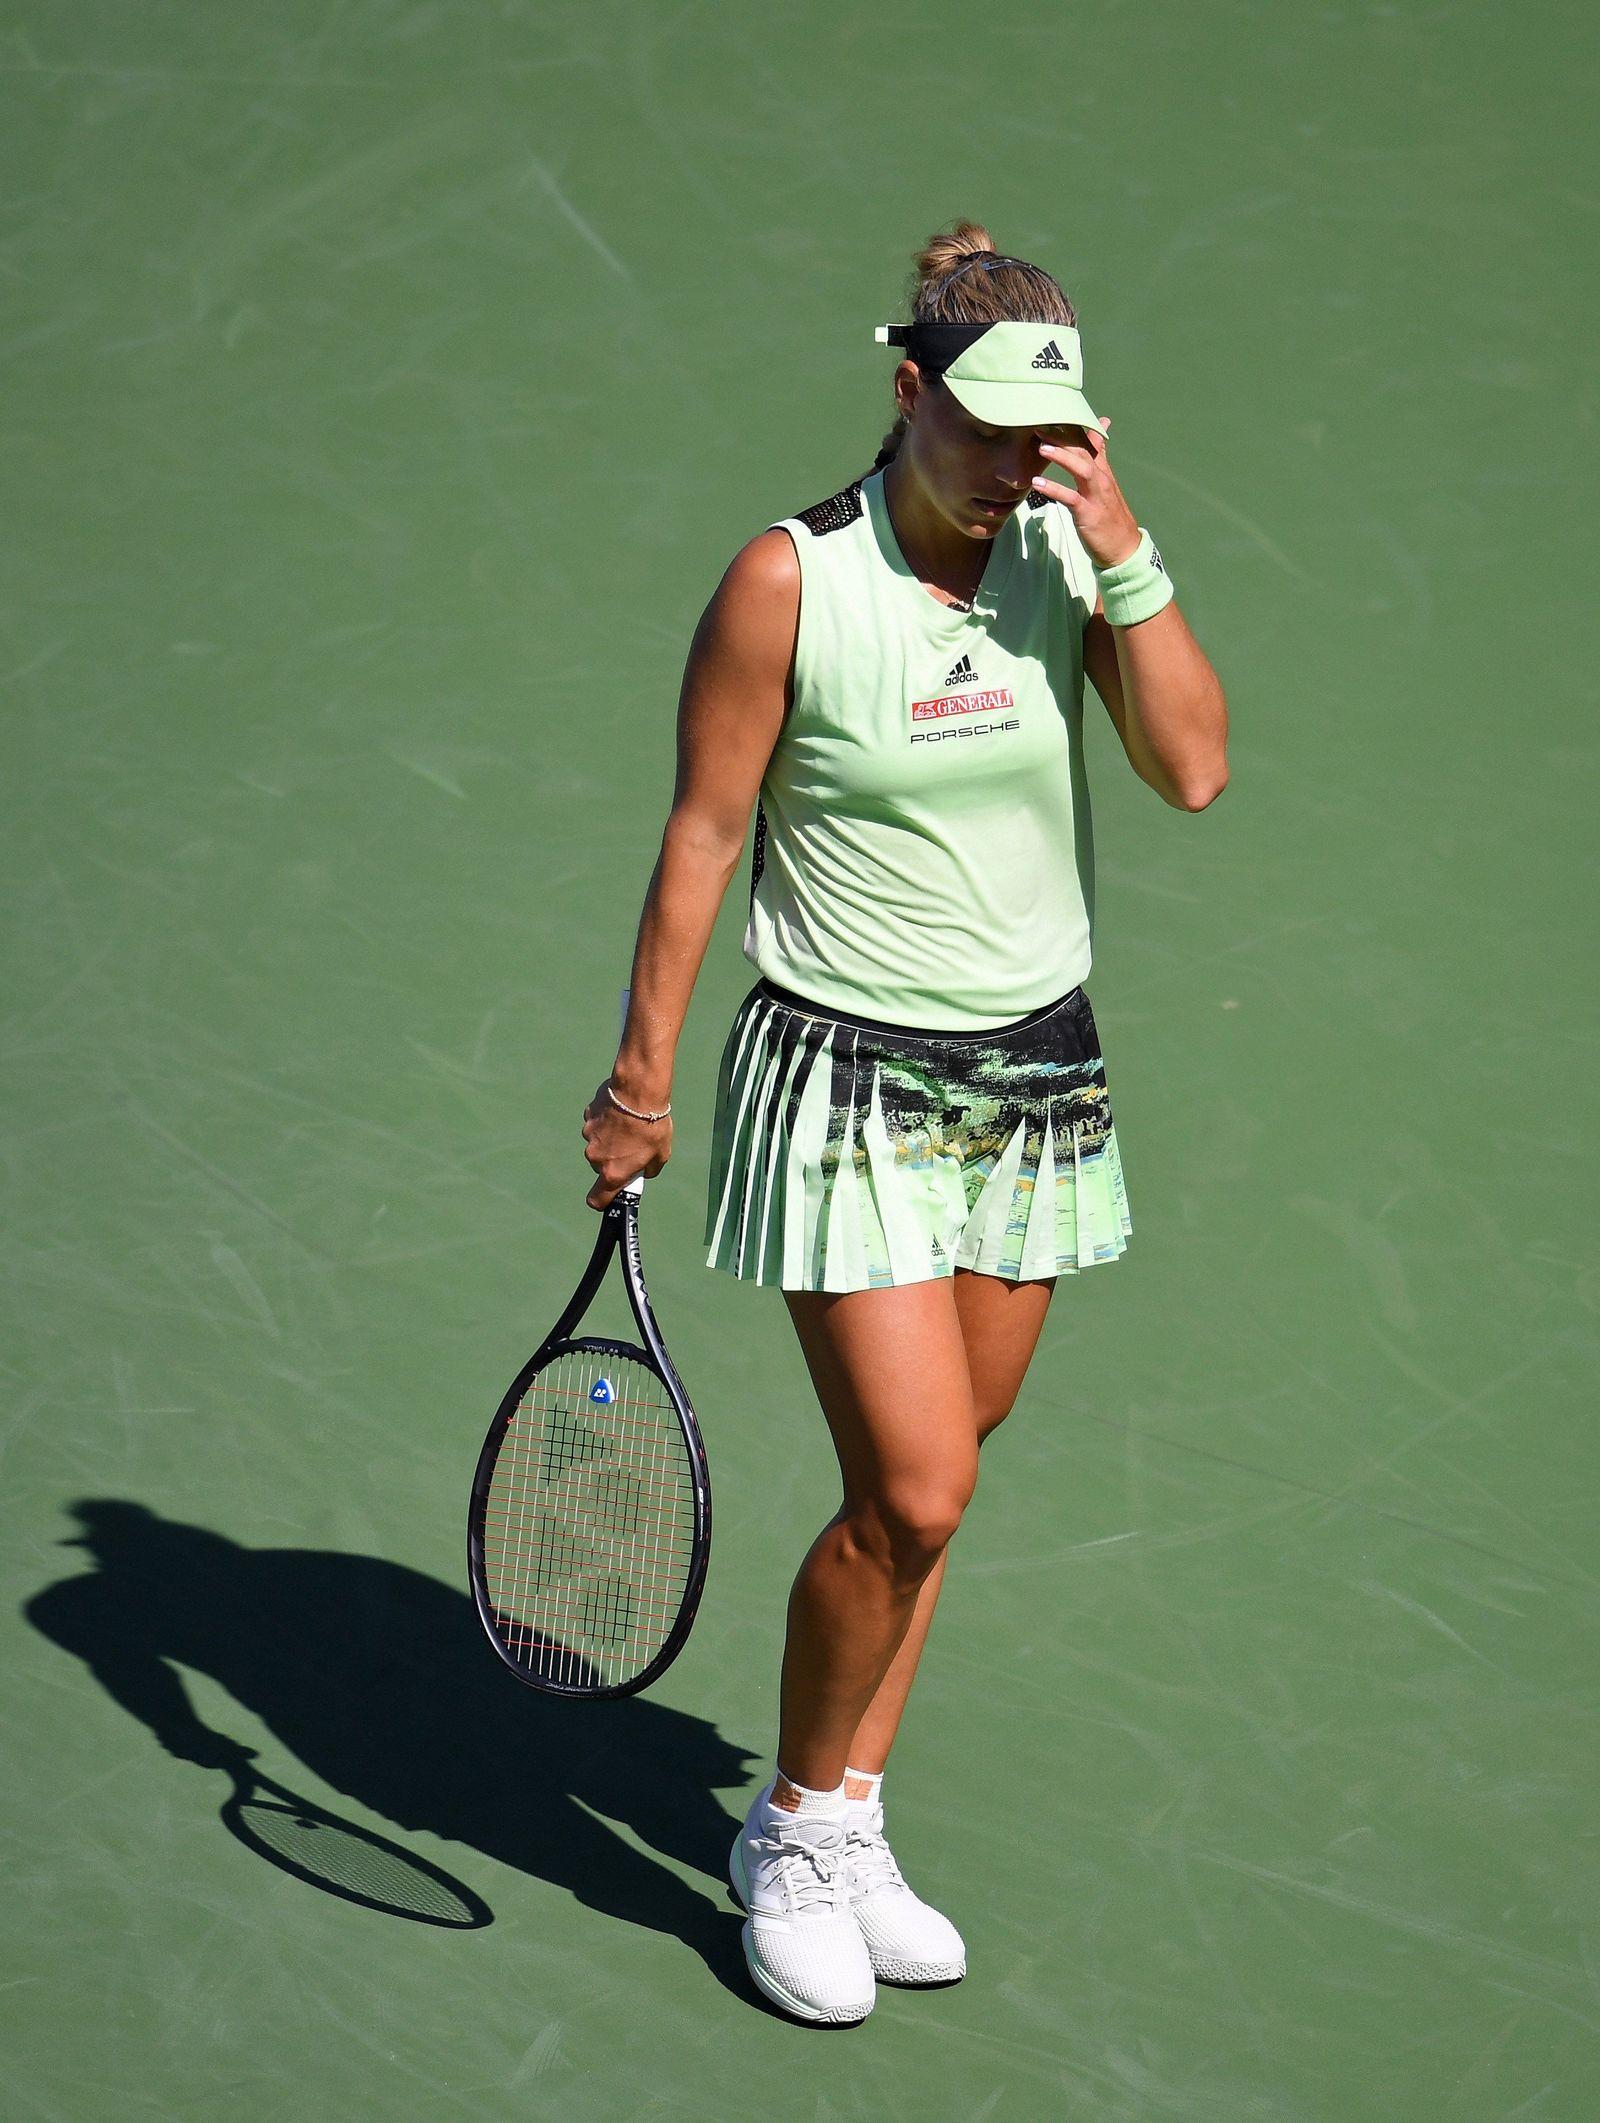 US Open Angelique Kerber